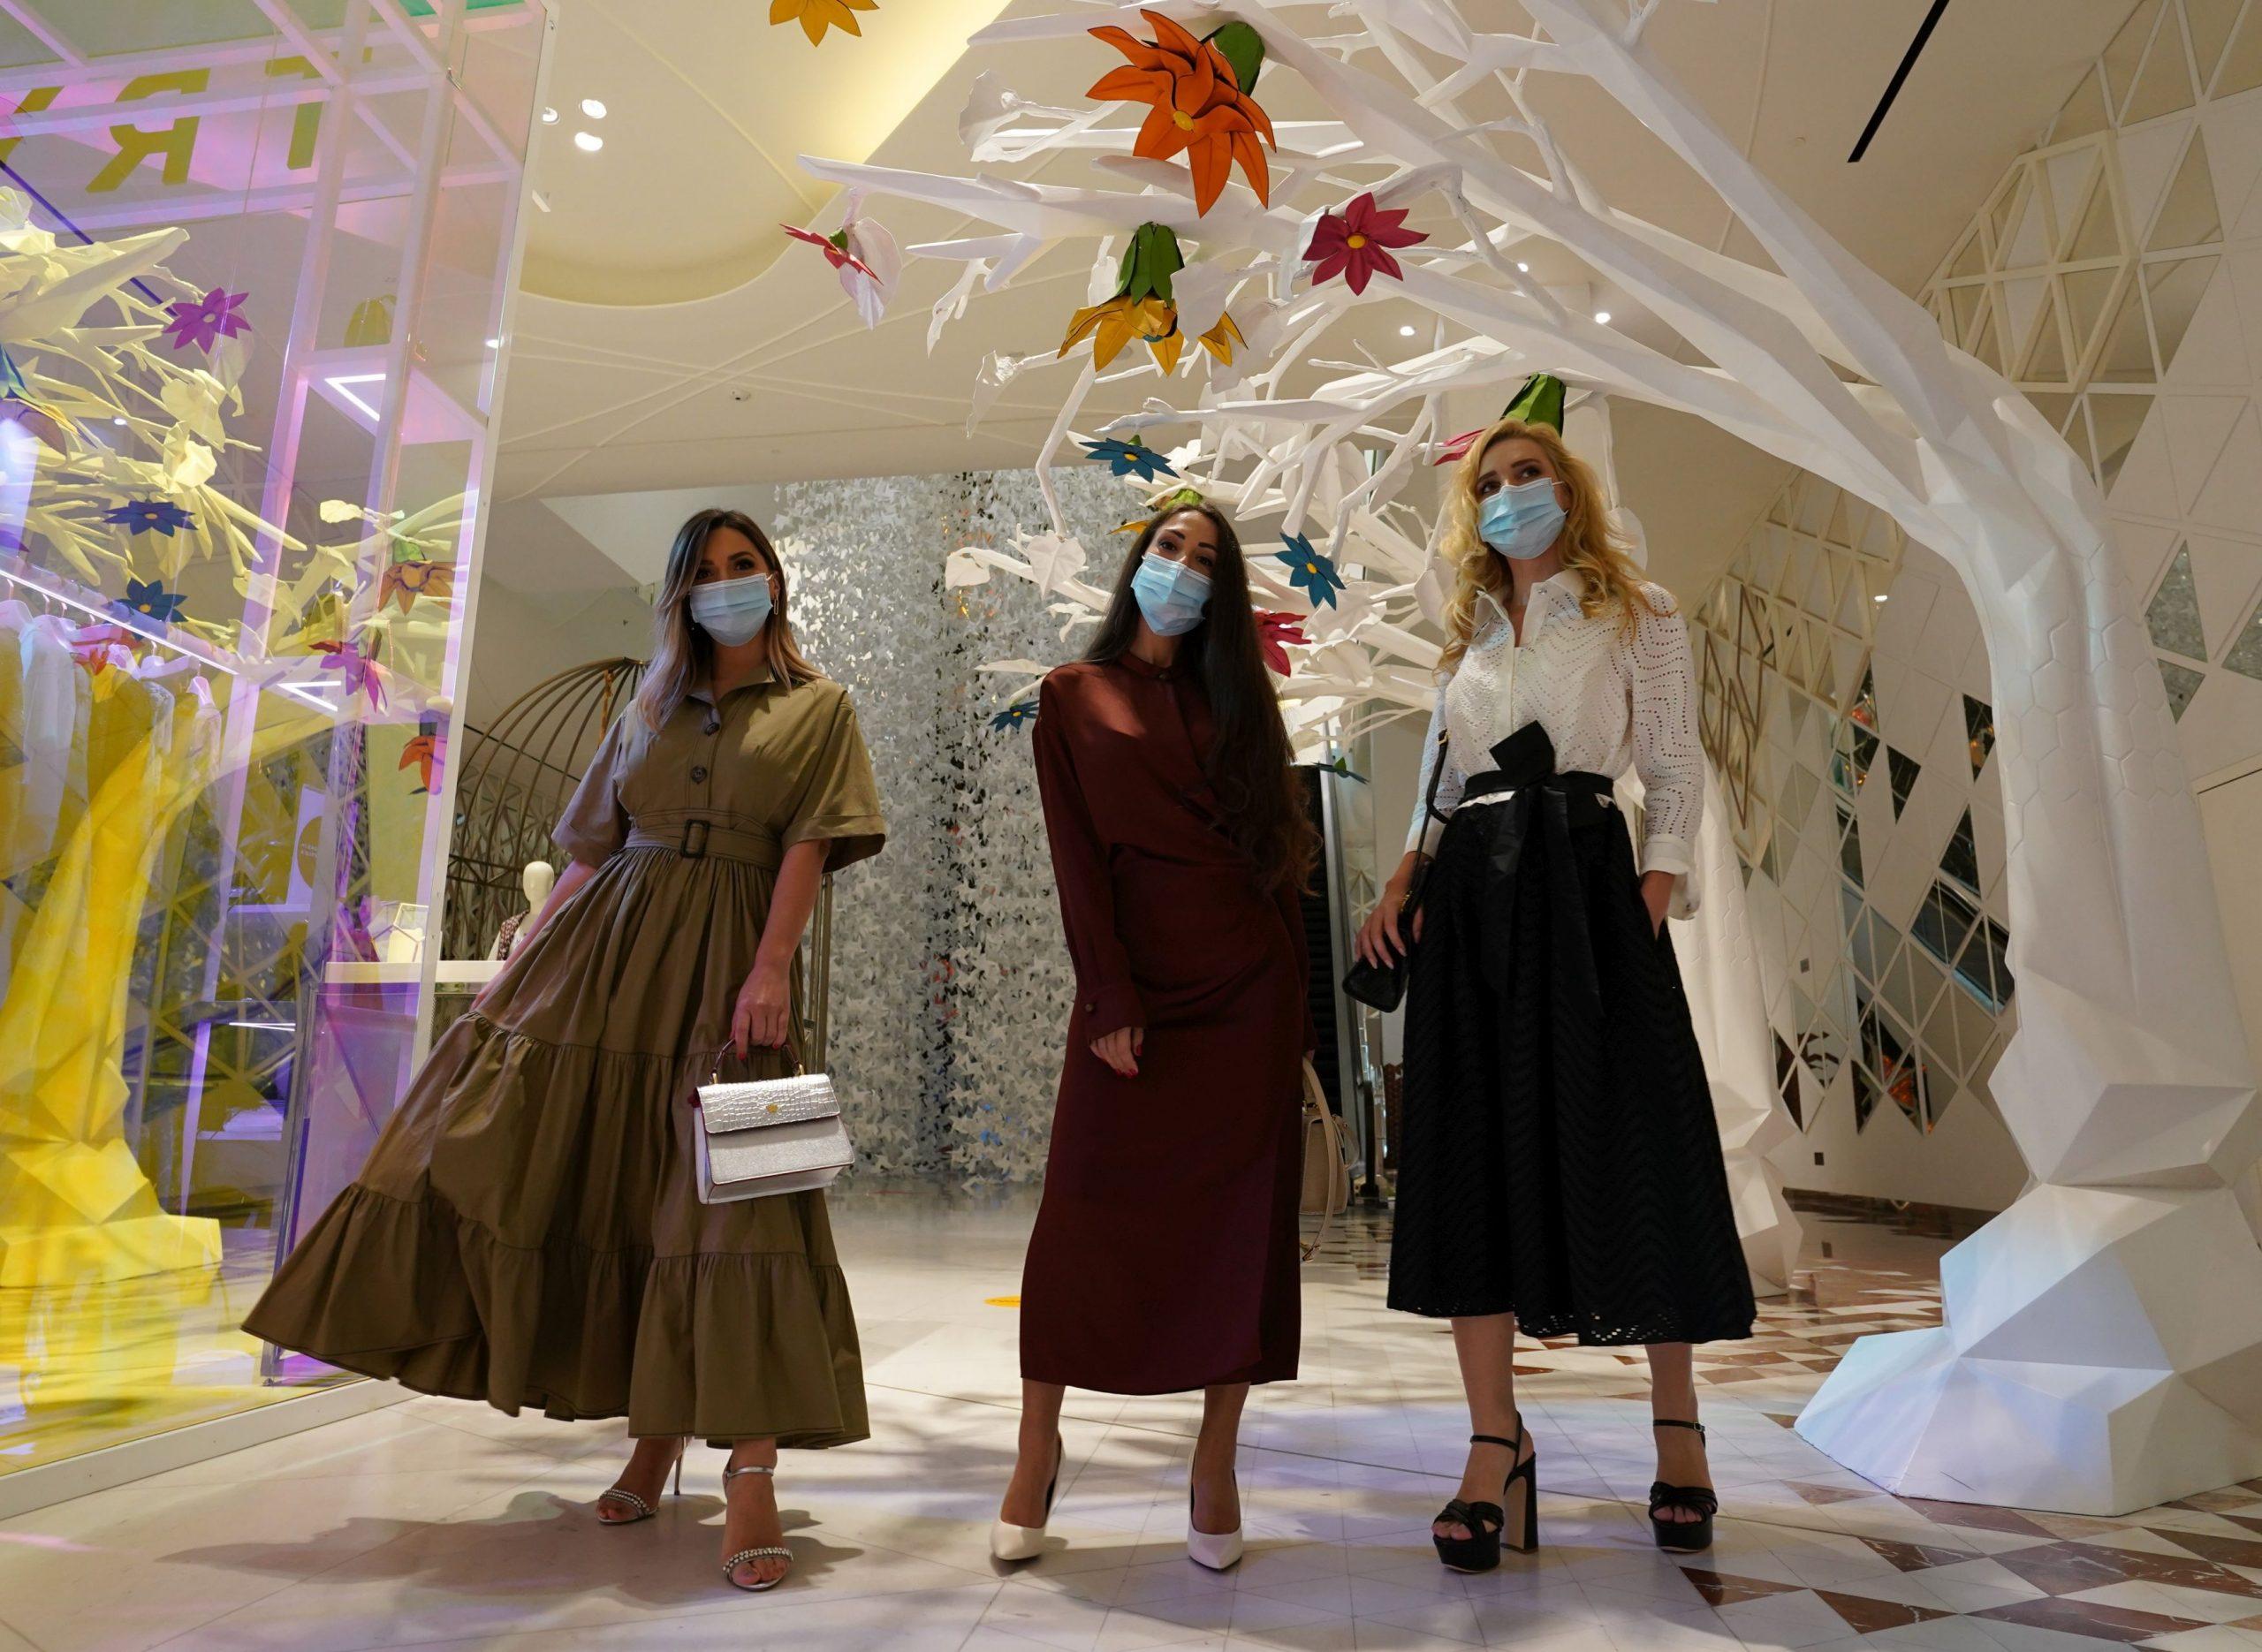 """دائرة الثقافة والسياحة-أبوظبي تطلق باقة فريدة من تجارب التسوق والطعام وعروضالإقامة والجوائز ضمن حملة """"اكتشف المفاجأة"""""""